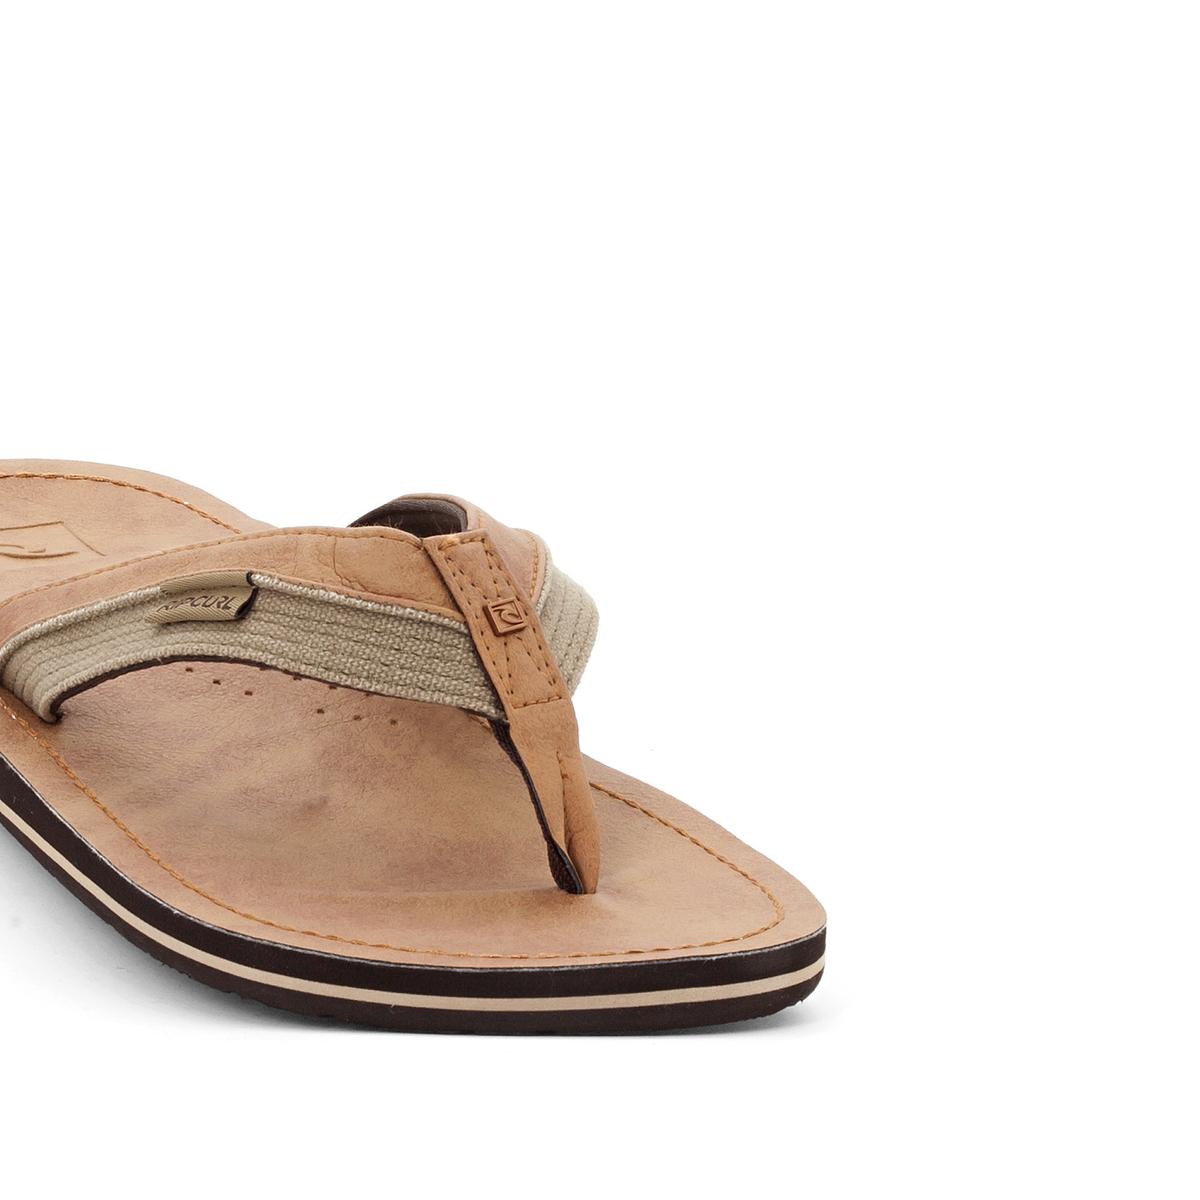 Вьетнамки OxВерх/Голенище : синтетика     Стелька : синтетика     Подошва : каучук     Форма каблука : плоский каблук     Мысок : открытый мысок     Застежка : без застежки<br><br>Цвет: темно-бежевый<br>Размер: 44